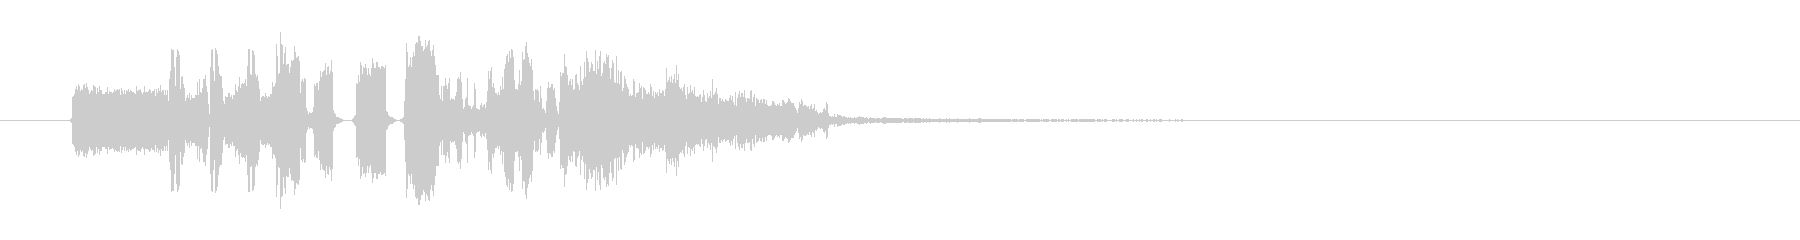 FMジングル制作にピッタリな効果音の未再生の波形